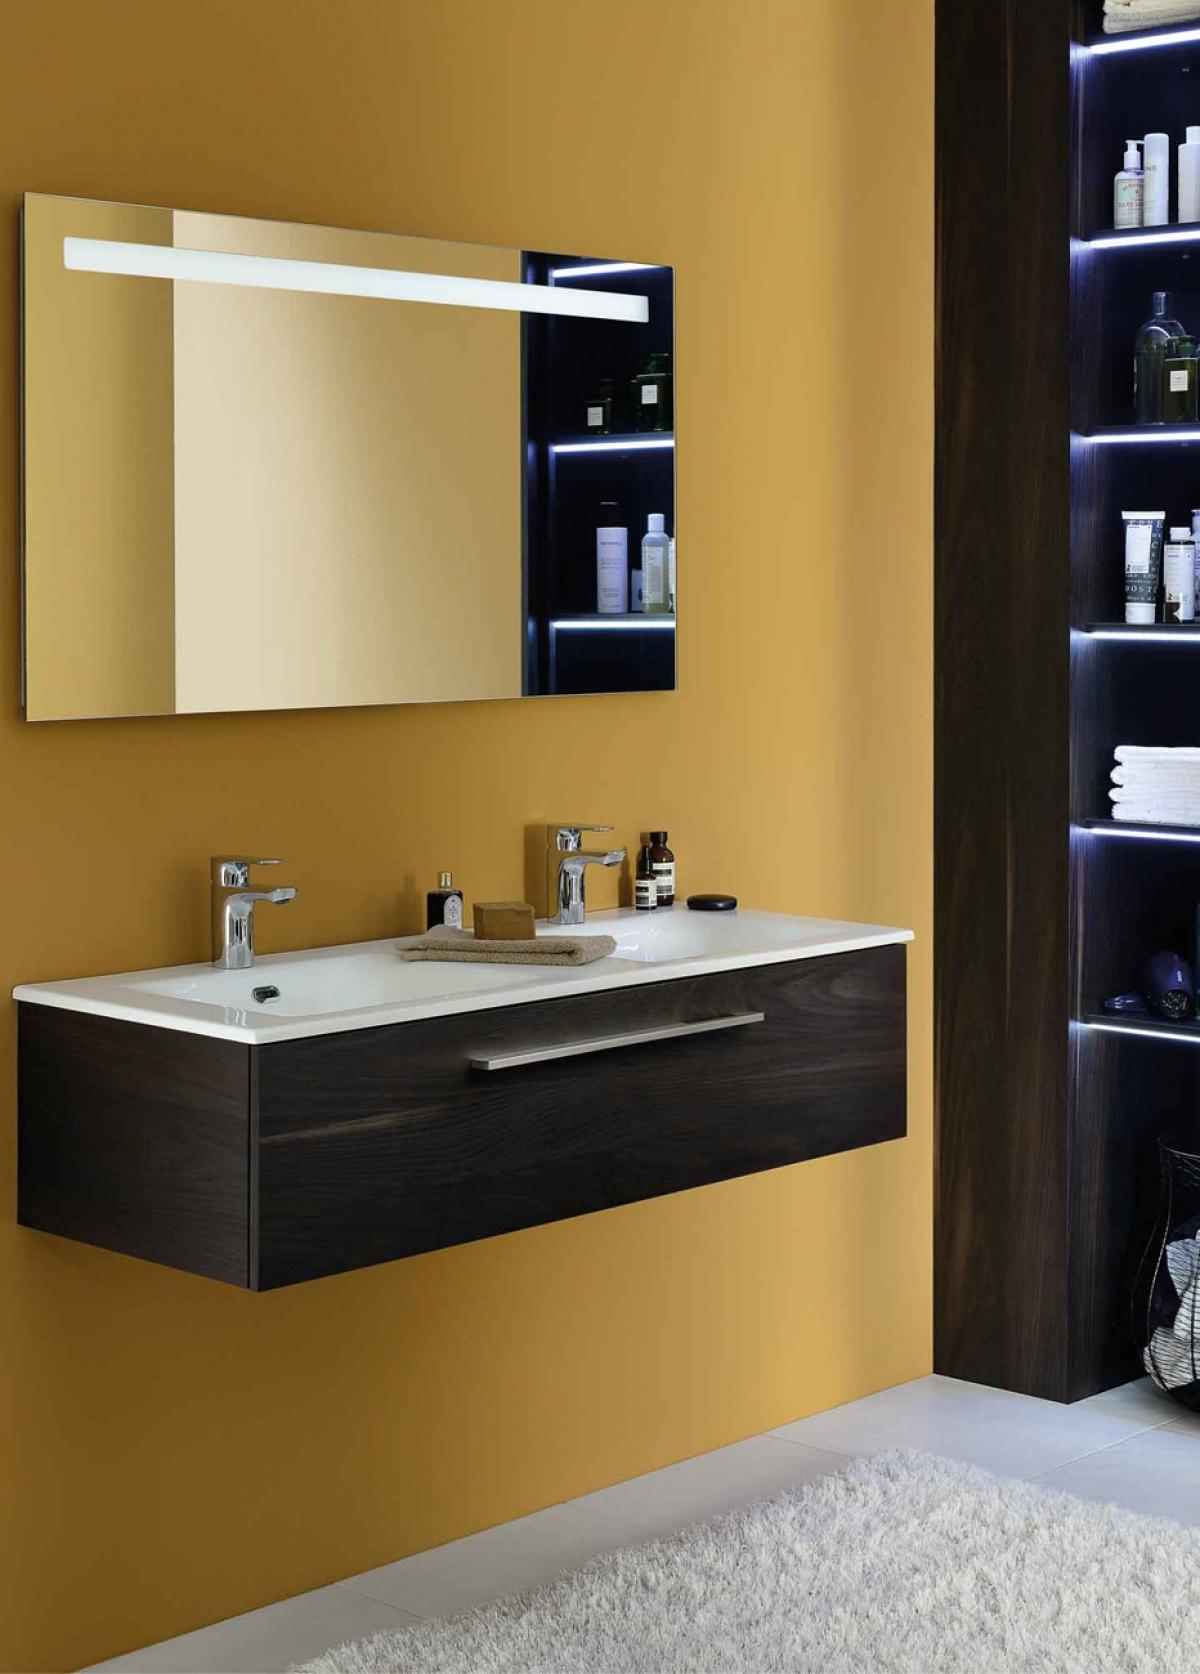 meubles et table vasque halo sanijura induscabel salle de bains chauffage et cuisine. Black Bedroom Furniture Sets. Home Design Ideas